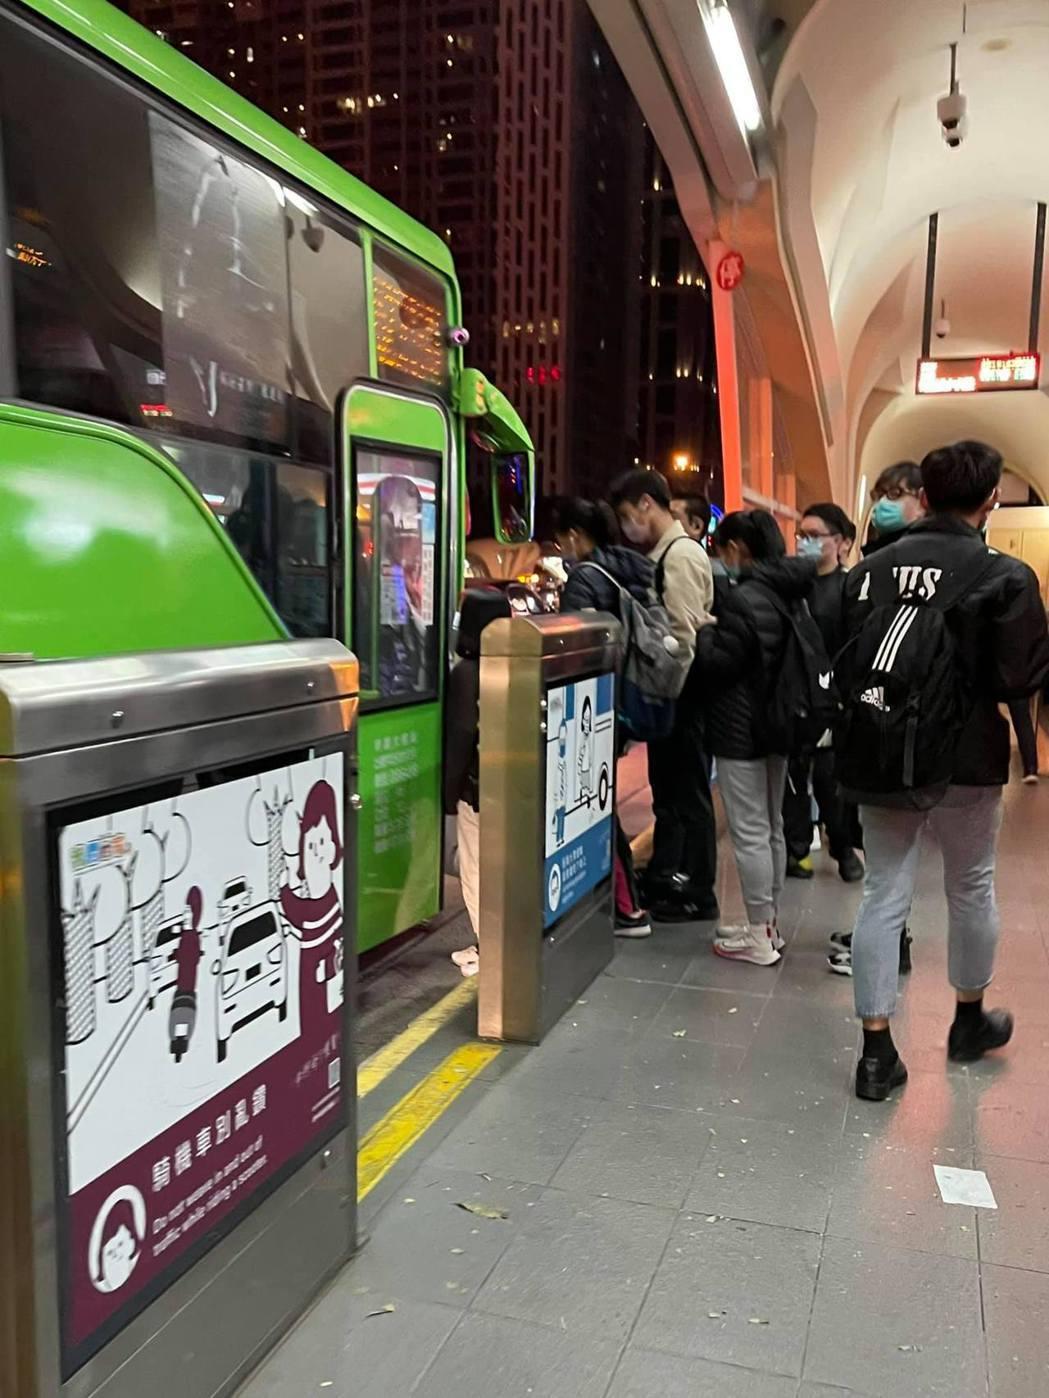 台灣大道公車專用道適用低地板公車,151、152兩路線的車種是遊覽車類型,車門與...